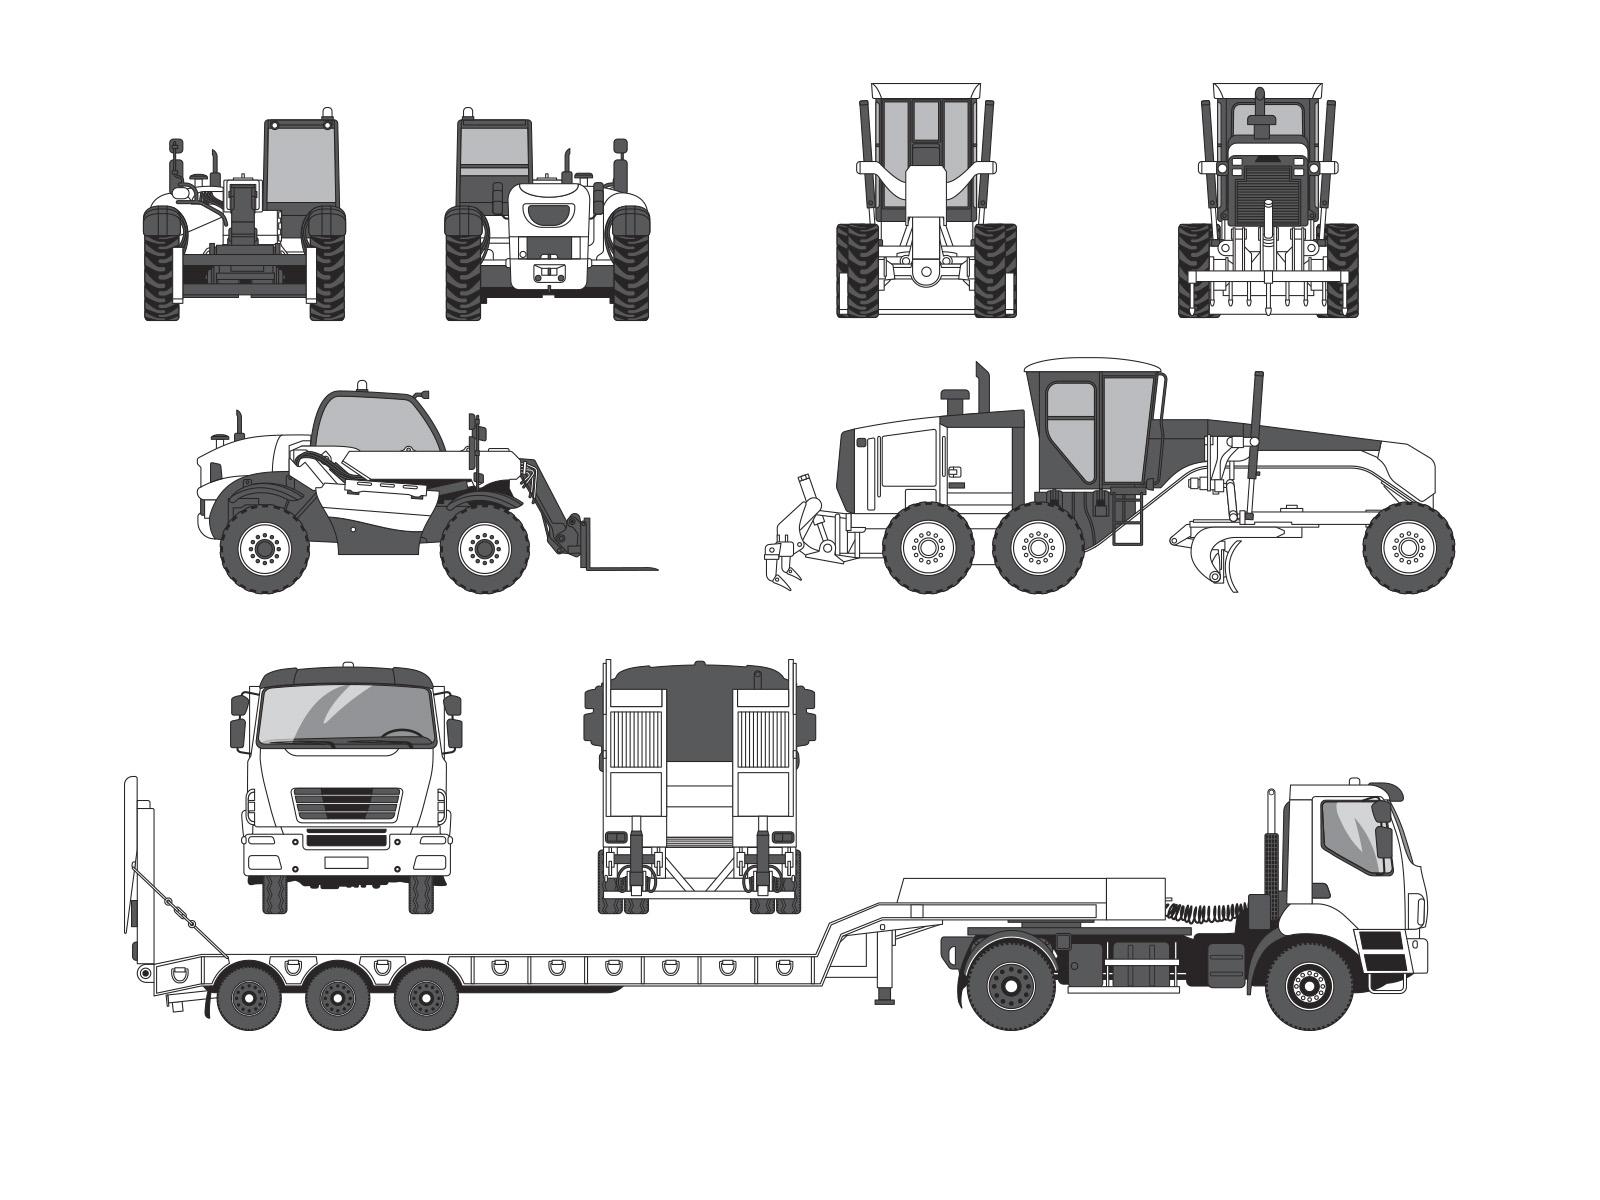 Aurelien-boudault-Vehicule-trait-camion-elevateur-niveleuse